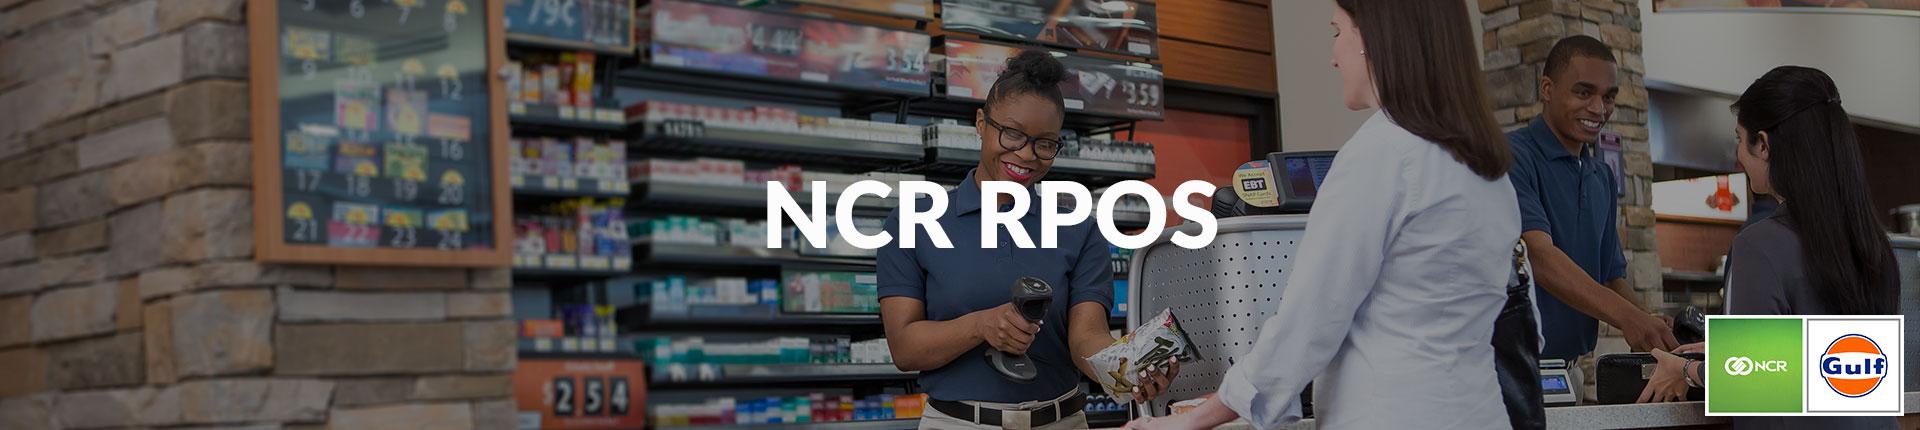 NCR RPOS